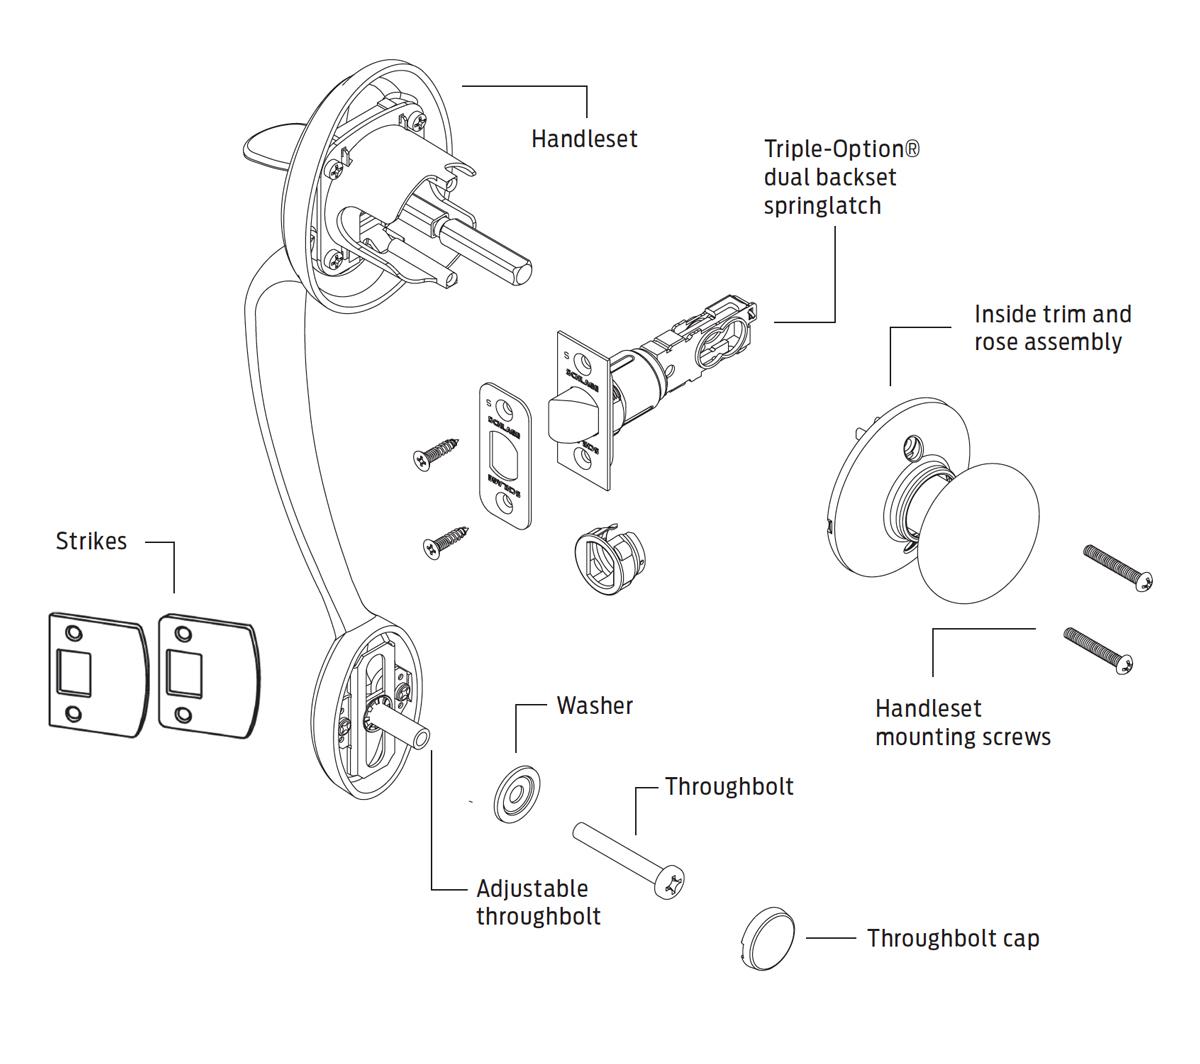 madero schlage f series handlesets rh madero ca schlage lock parts diagram schlage lock parts diagram